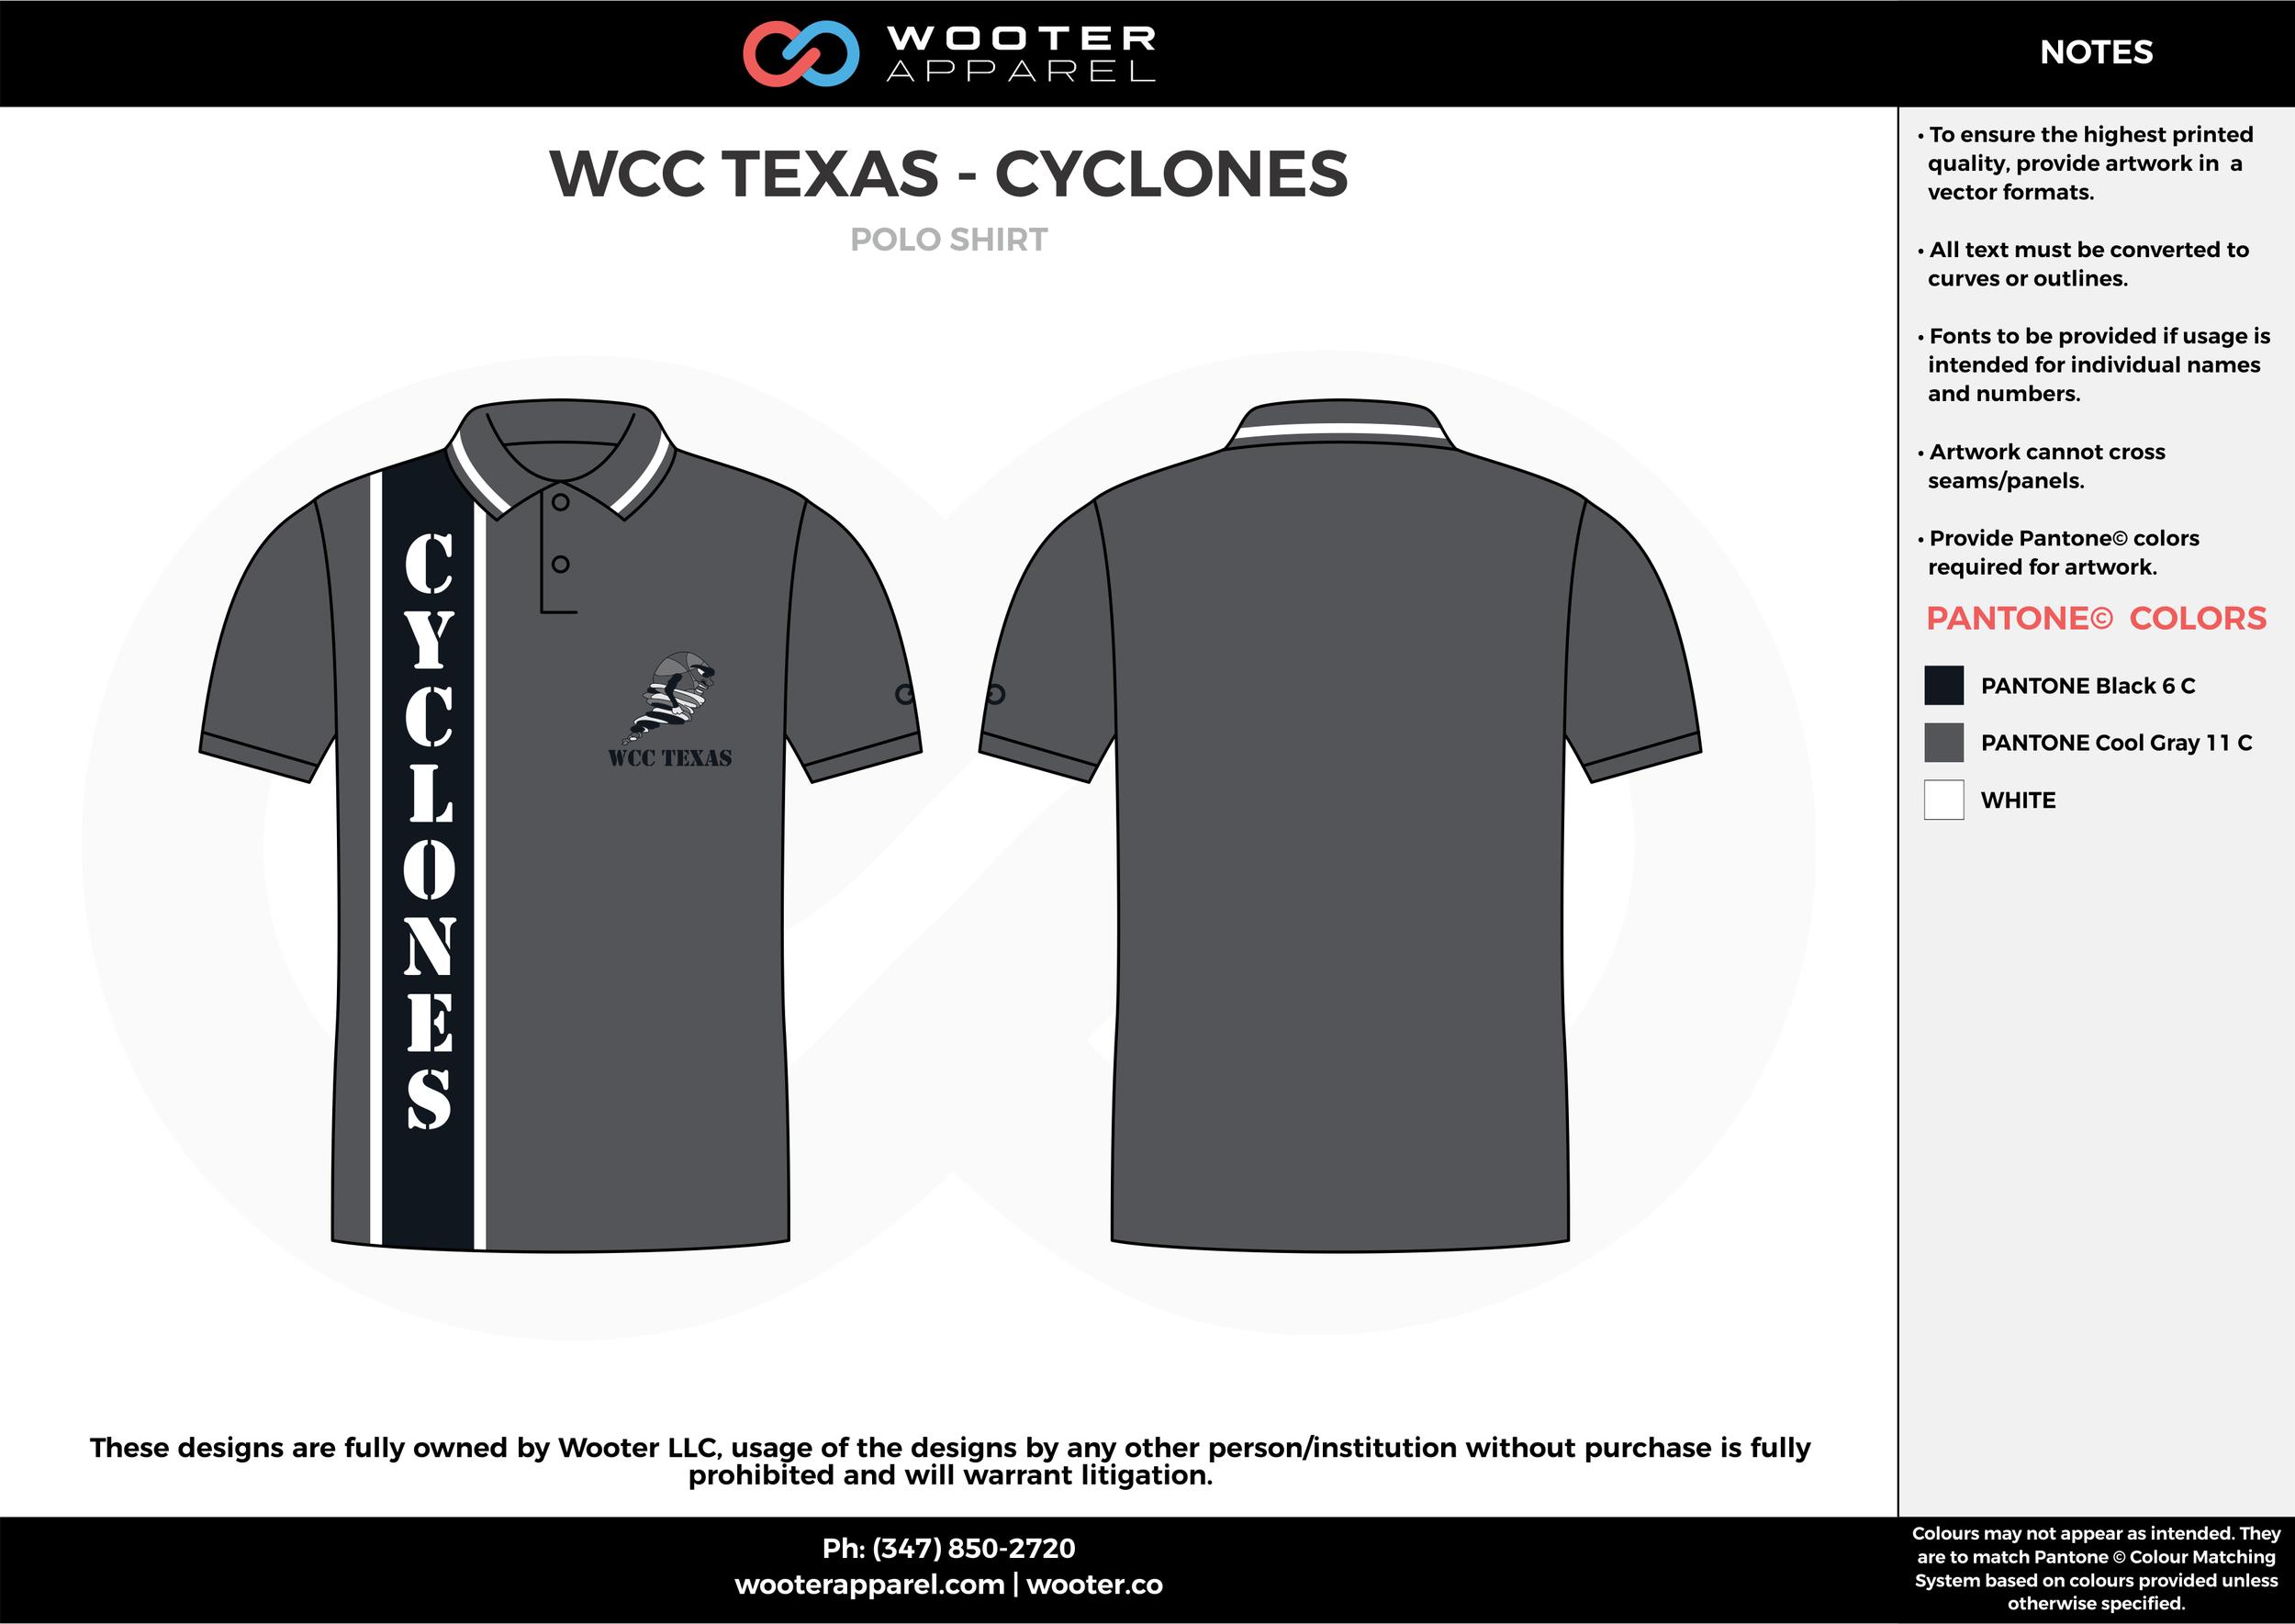 WCC TEXAS - CYCLONES black gray white Polo Shirts